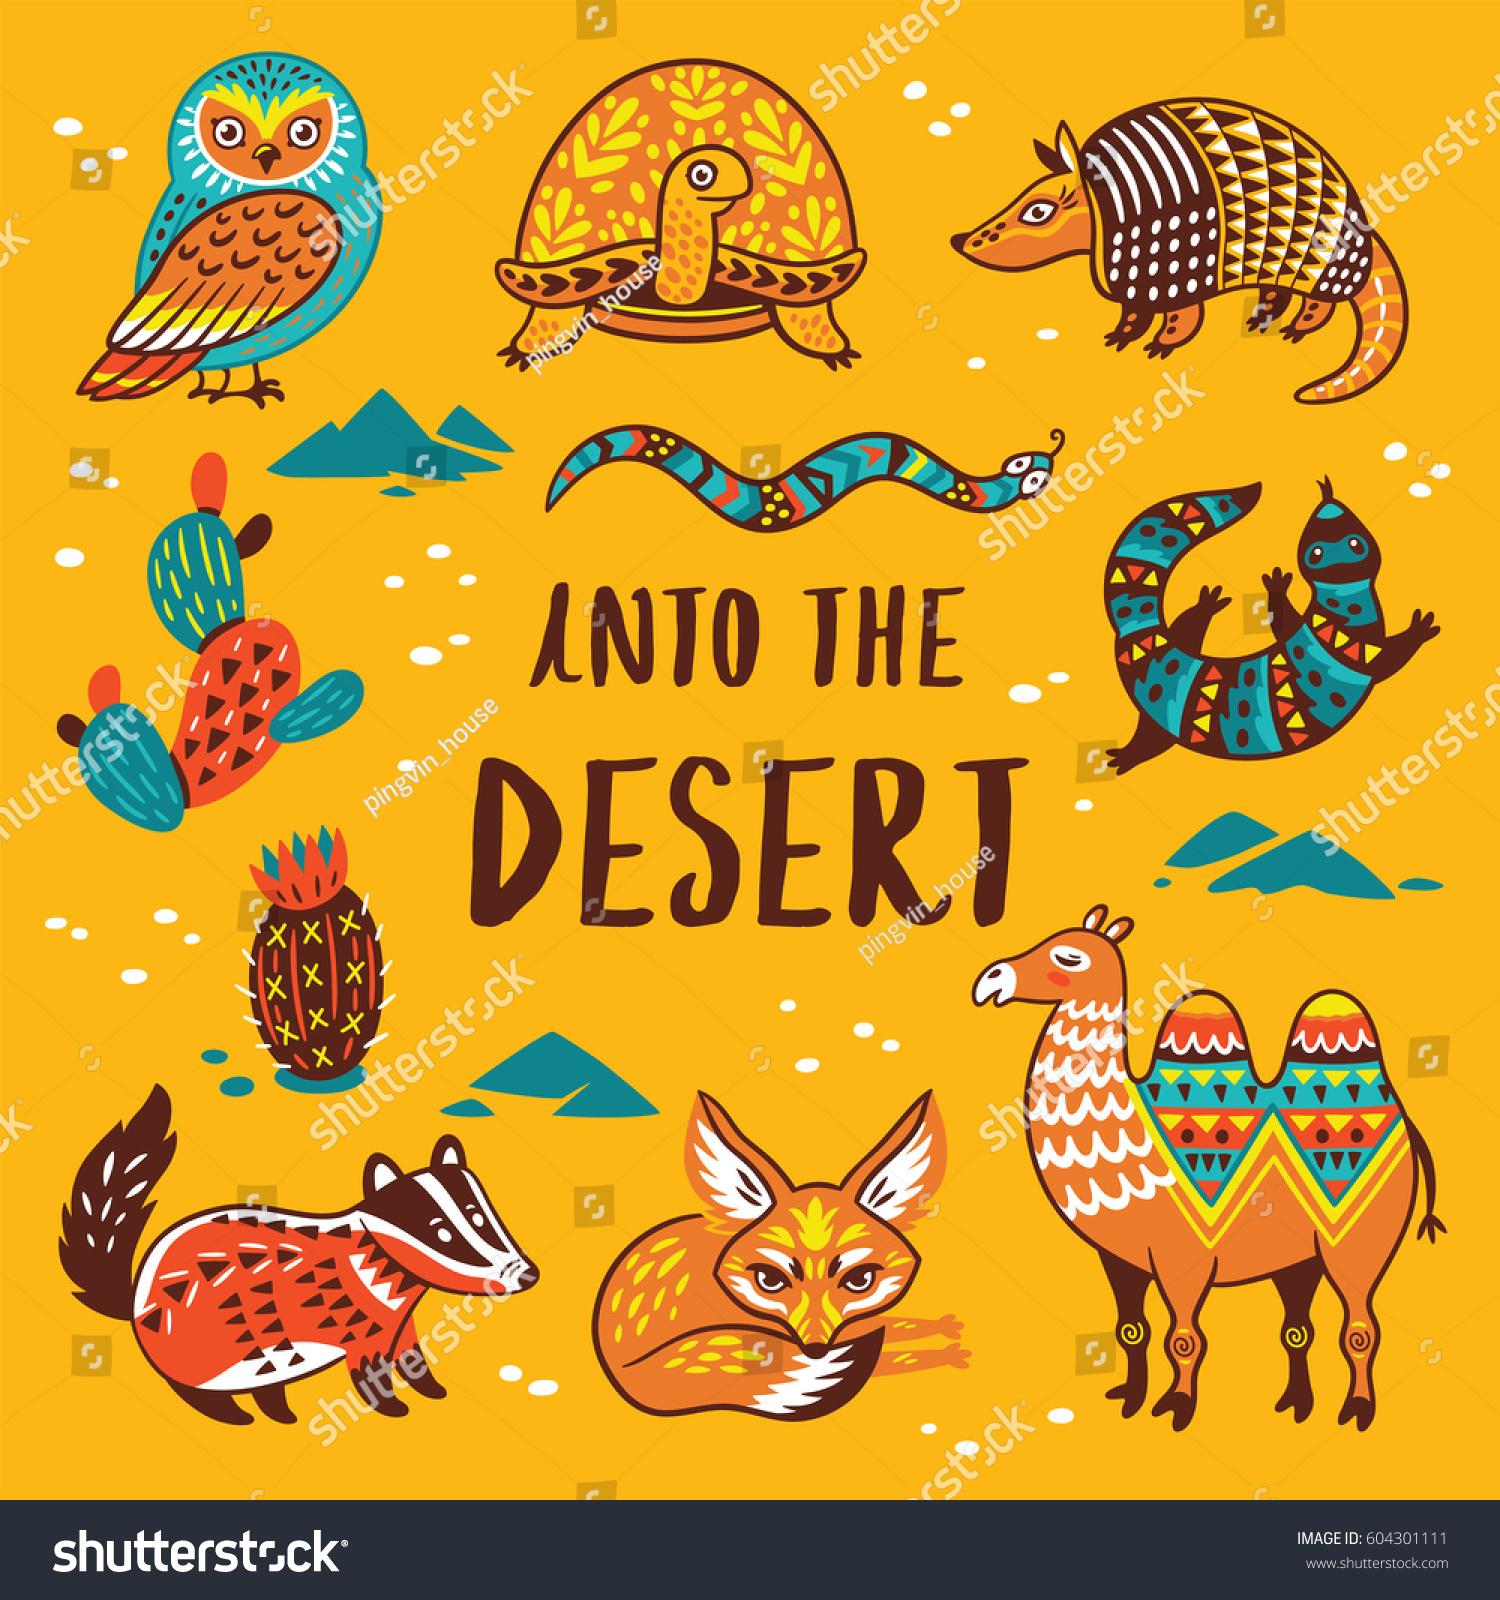 into desert print cartoon characters vector stock vector 604301111 shutterstock - Cartoon Characters To Print